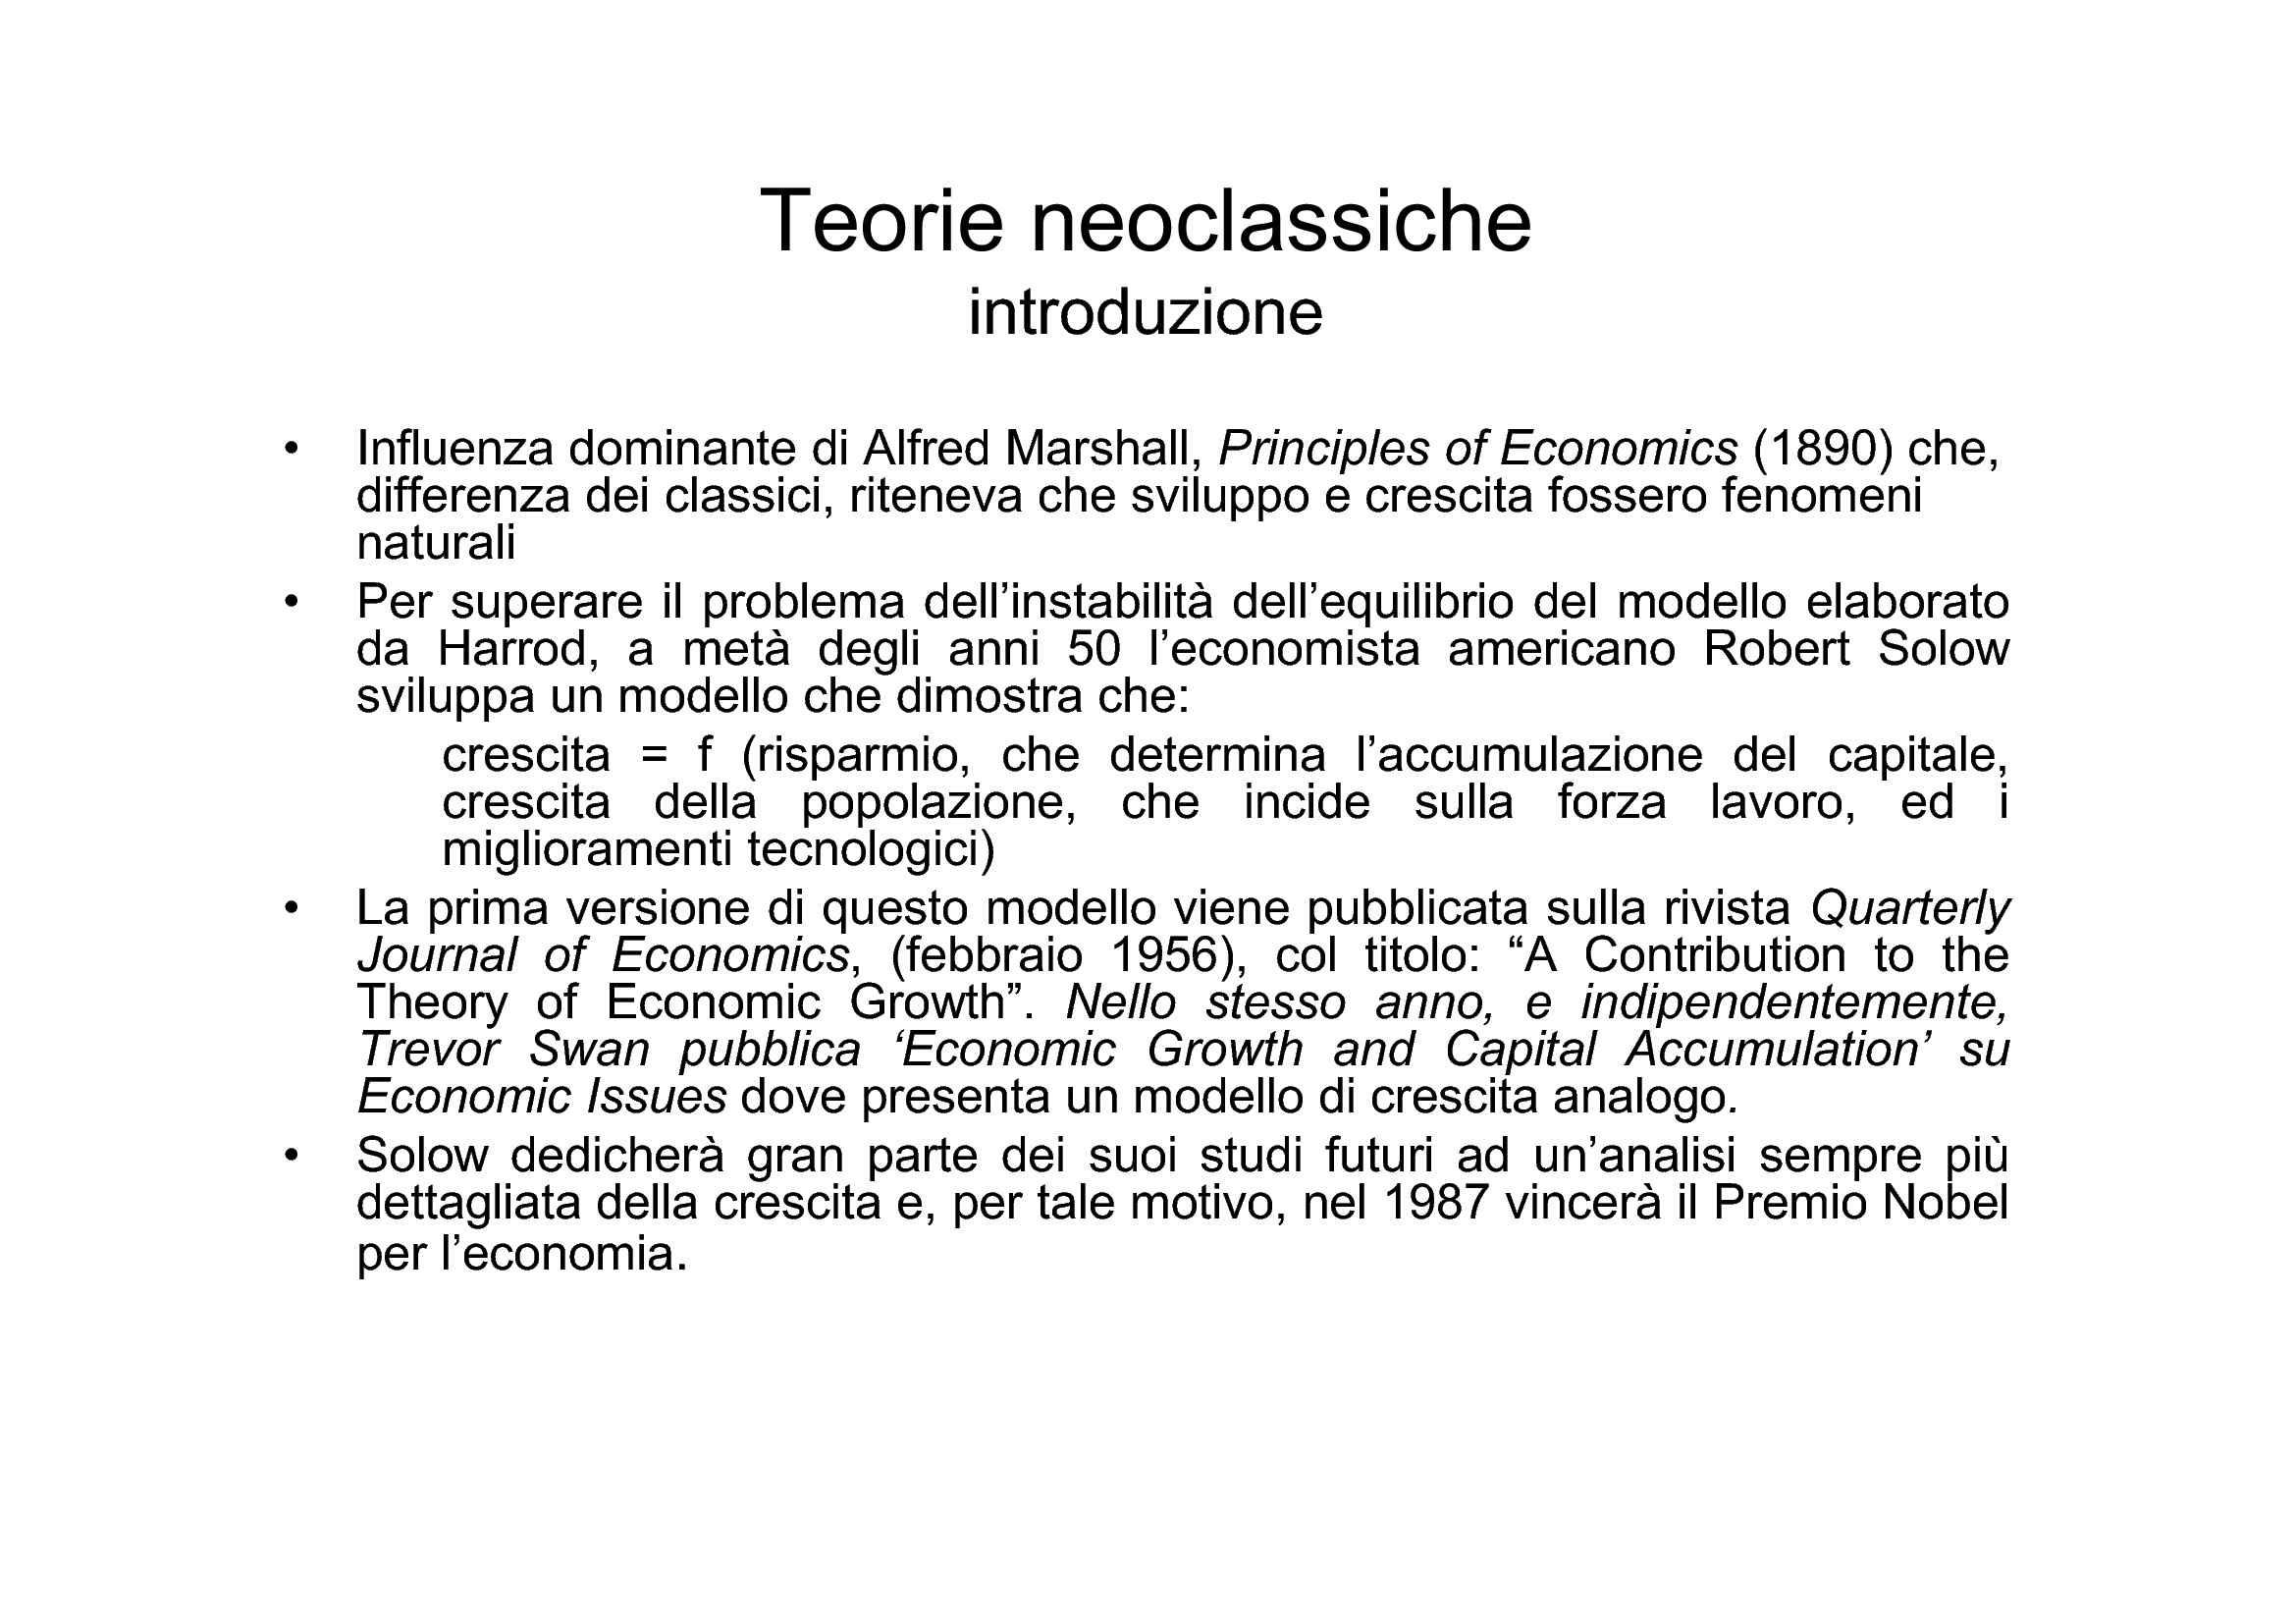 Teorie neo-classiche